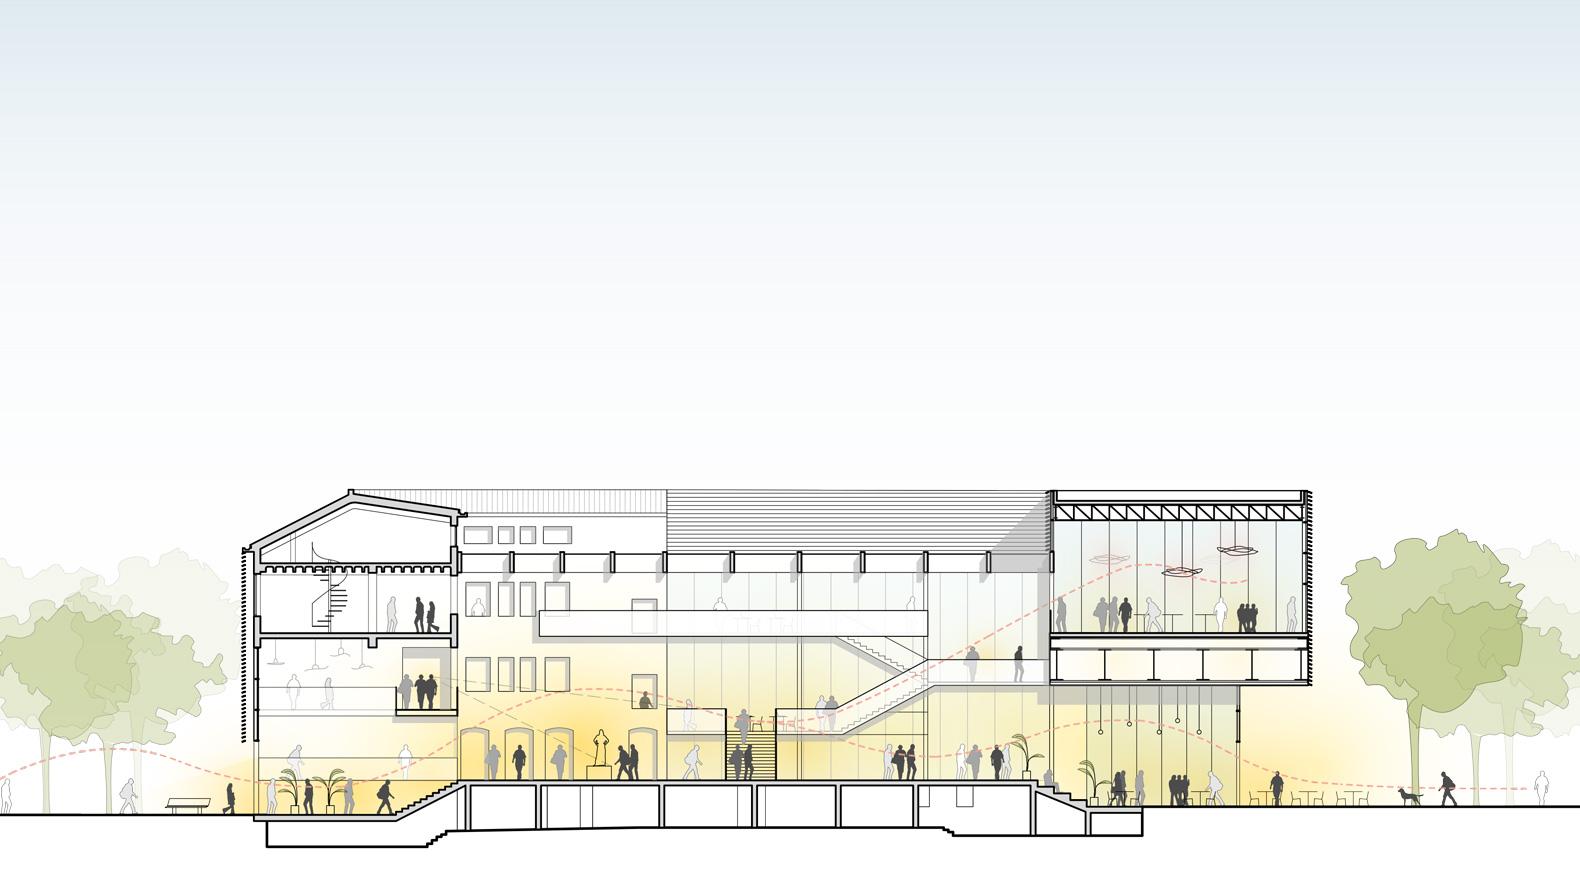 Längsschnitt: Die zentrale Halle schafft eine Wegeverbindung durch das PFI